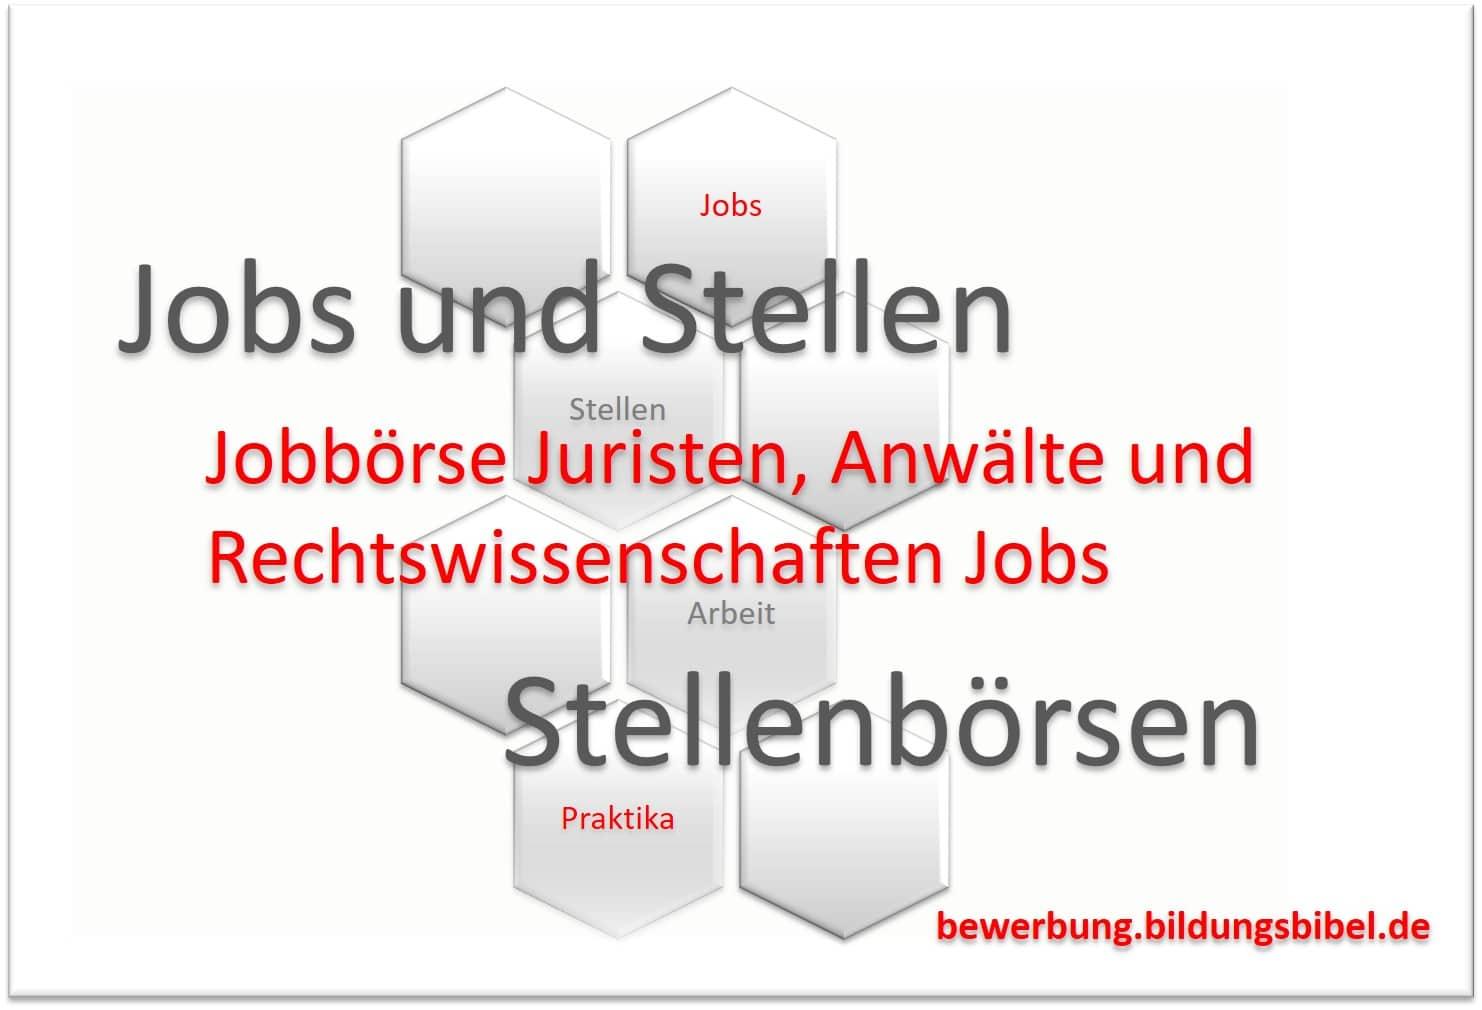 Jobbörse Juristen, Anwälte und Rechtswissenschaften